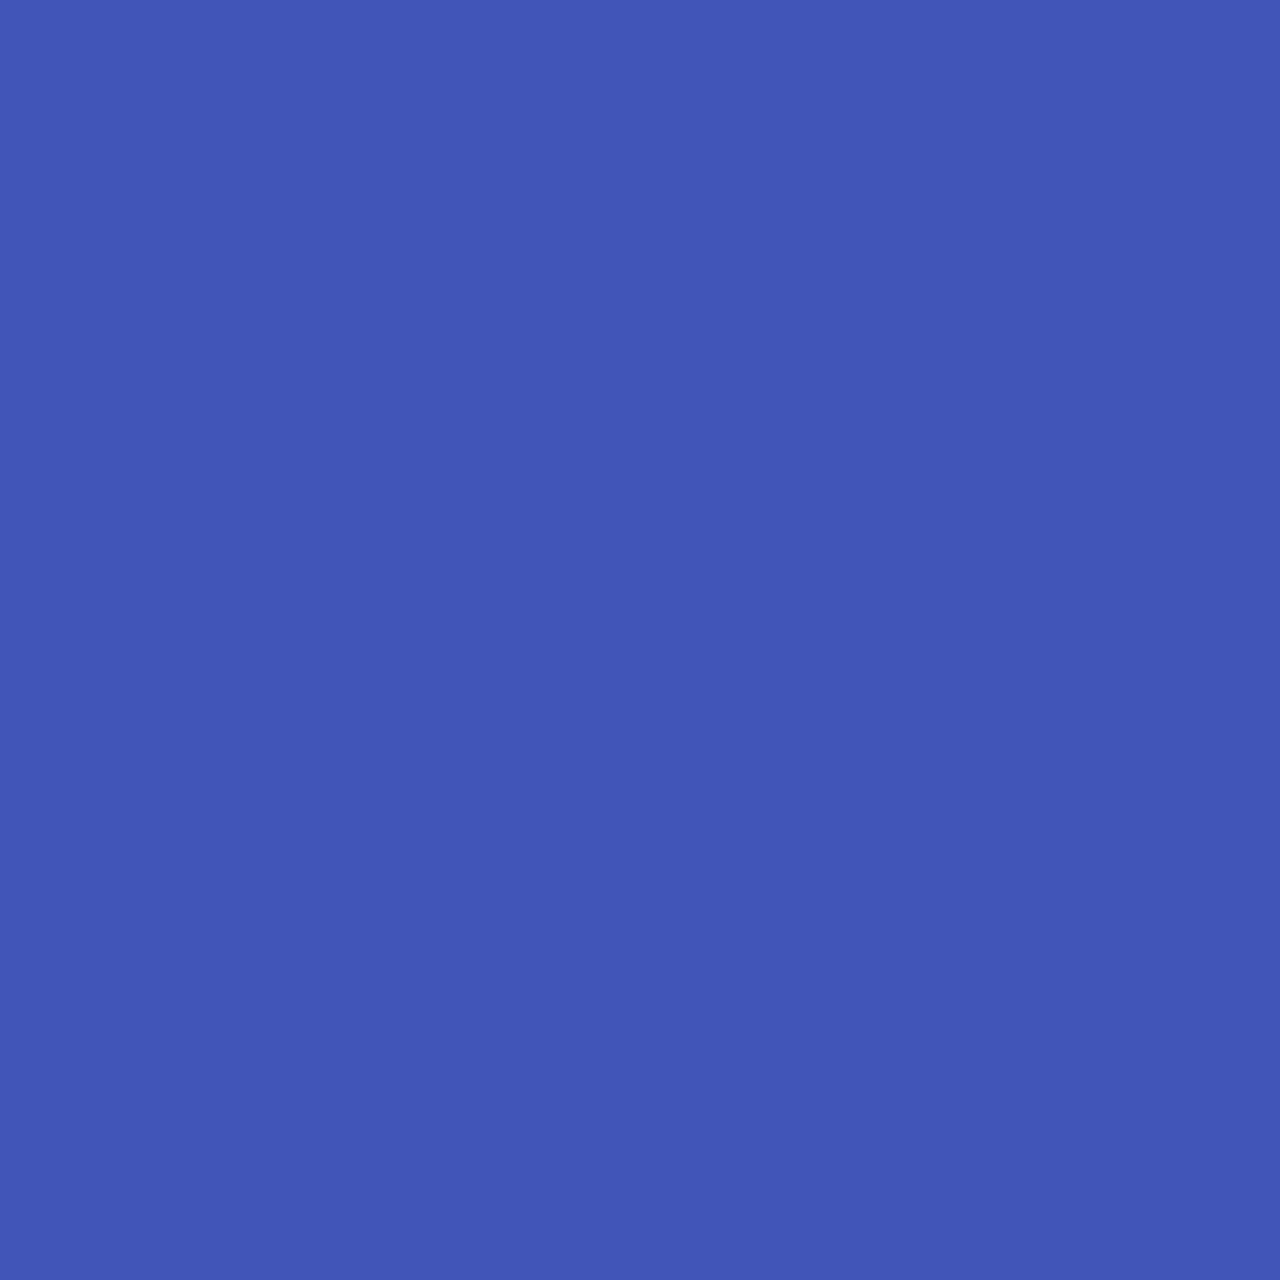 Rosco Cinegel Sheet #3220: Double Blue (2 x CTB), Gels